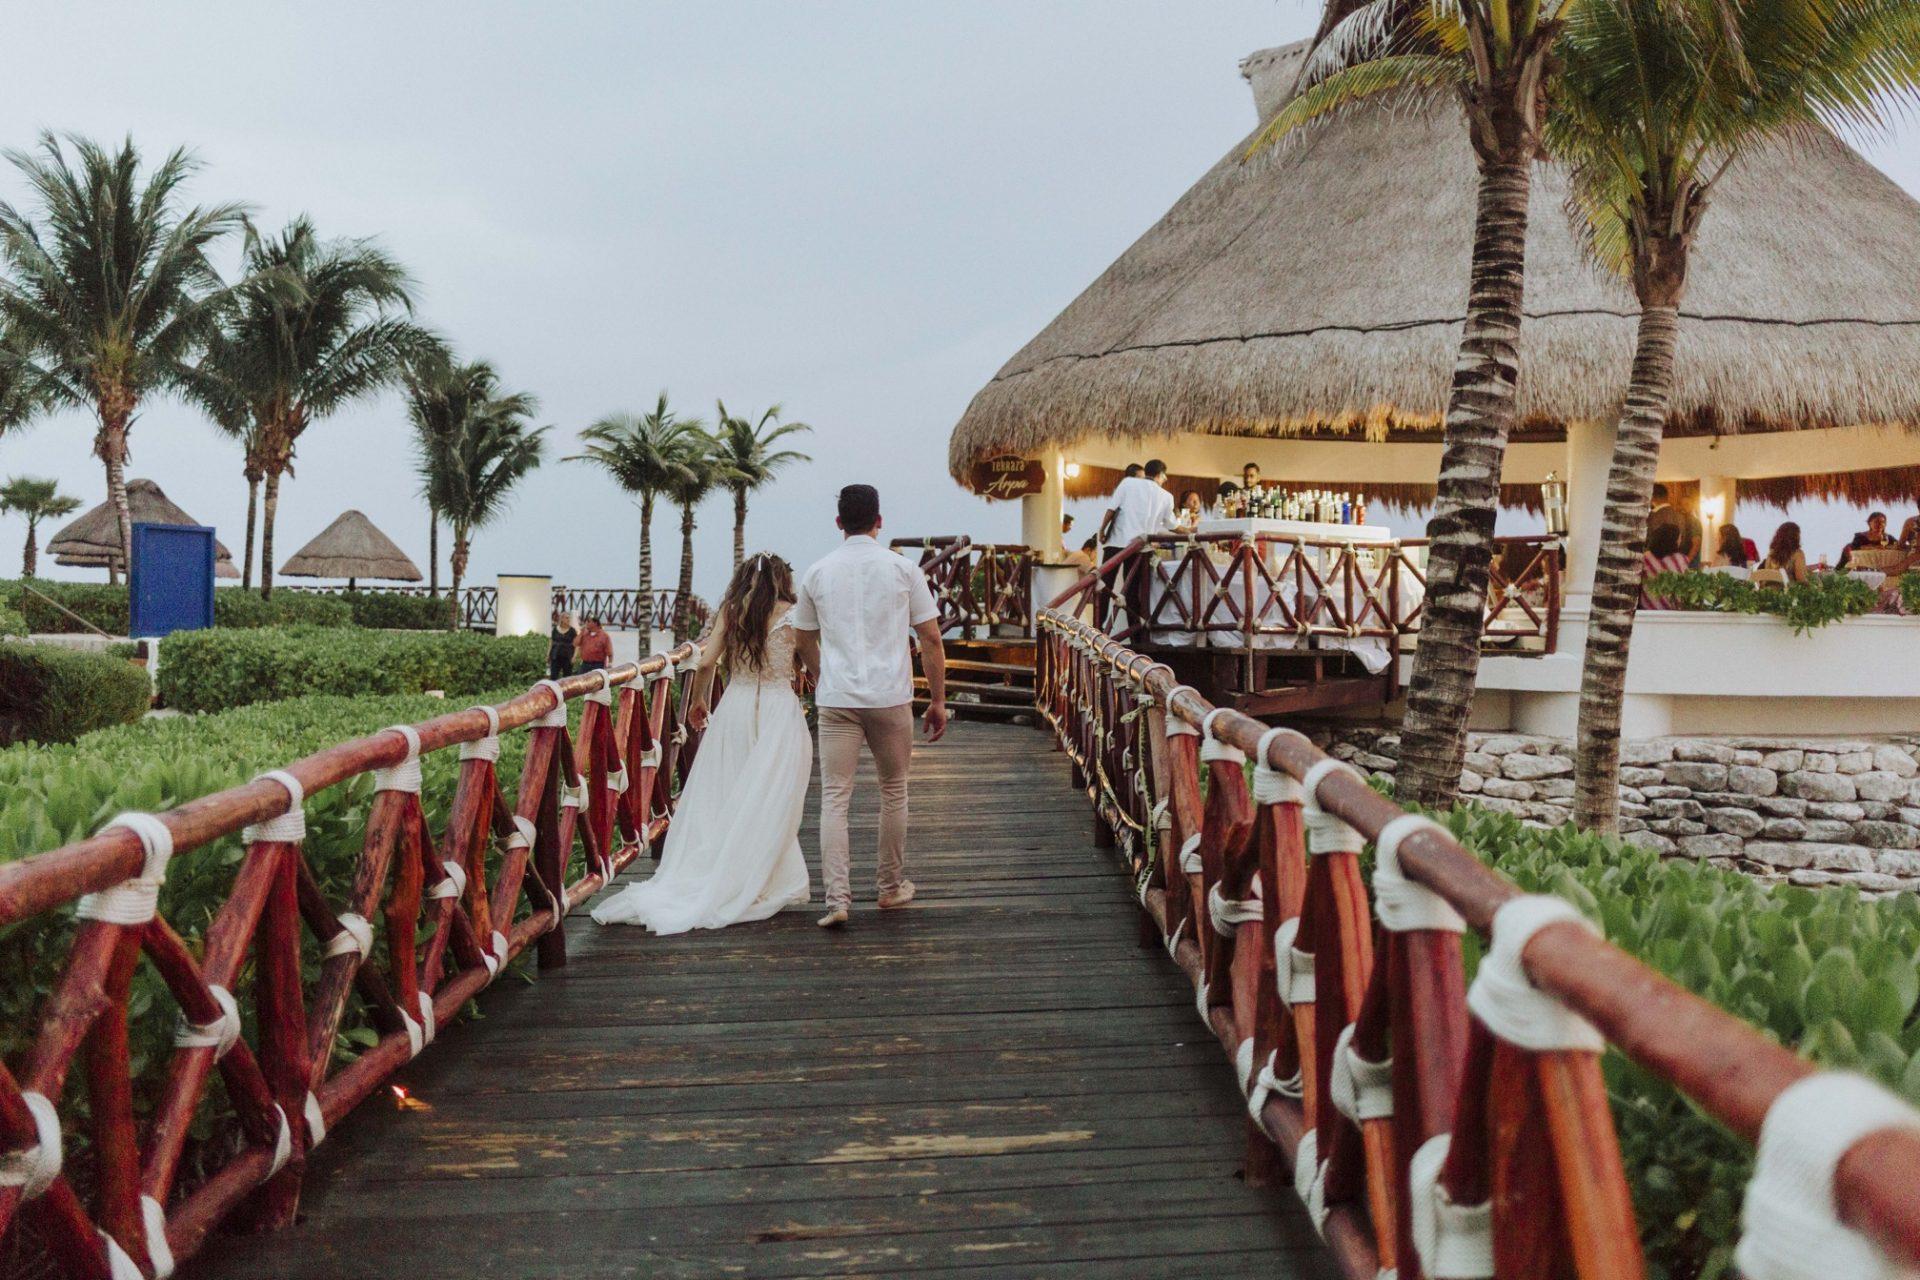 fotografo_bodas_profesional_zacatecas_riviera_maya_cancun-132